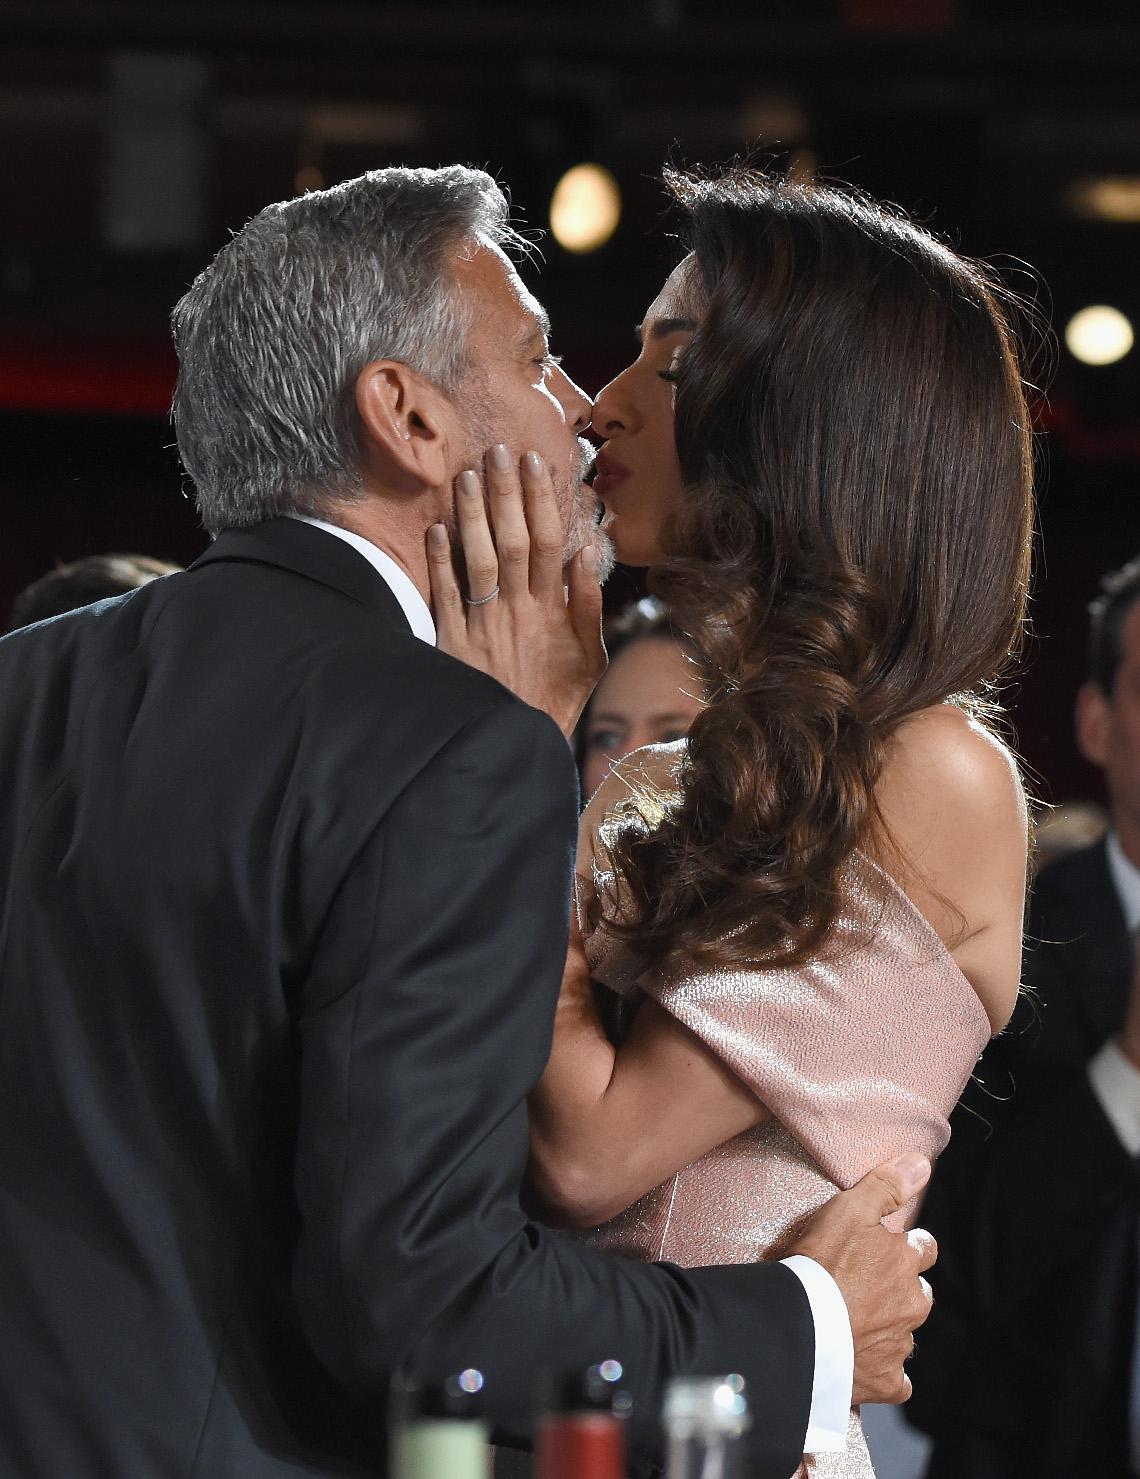 Poljubac Amal i Georgea